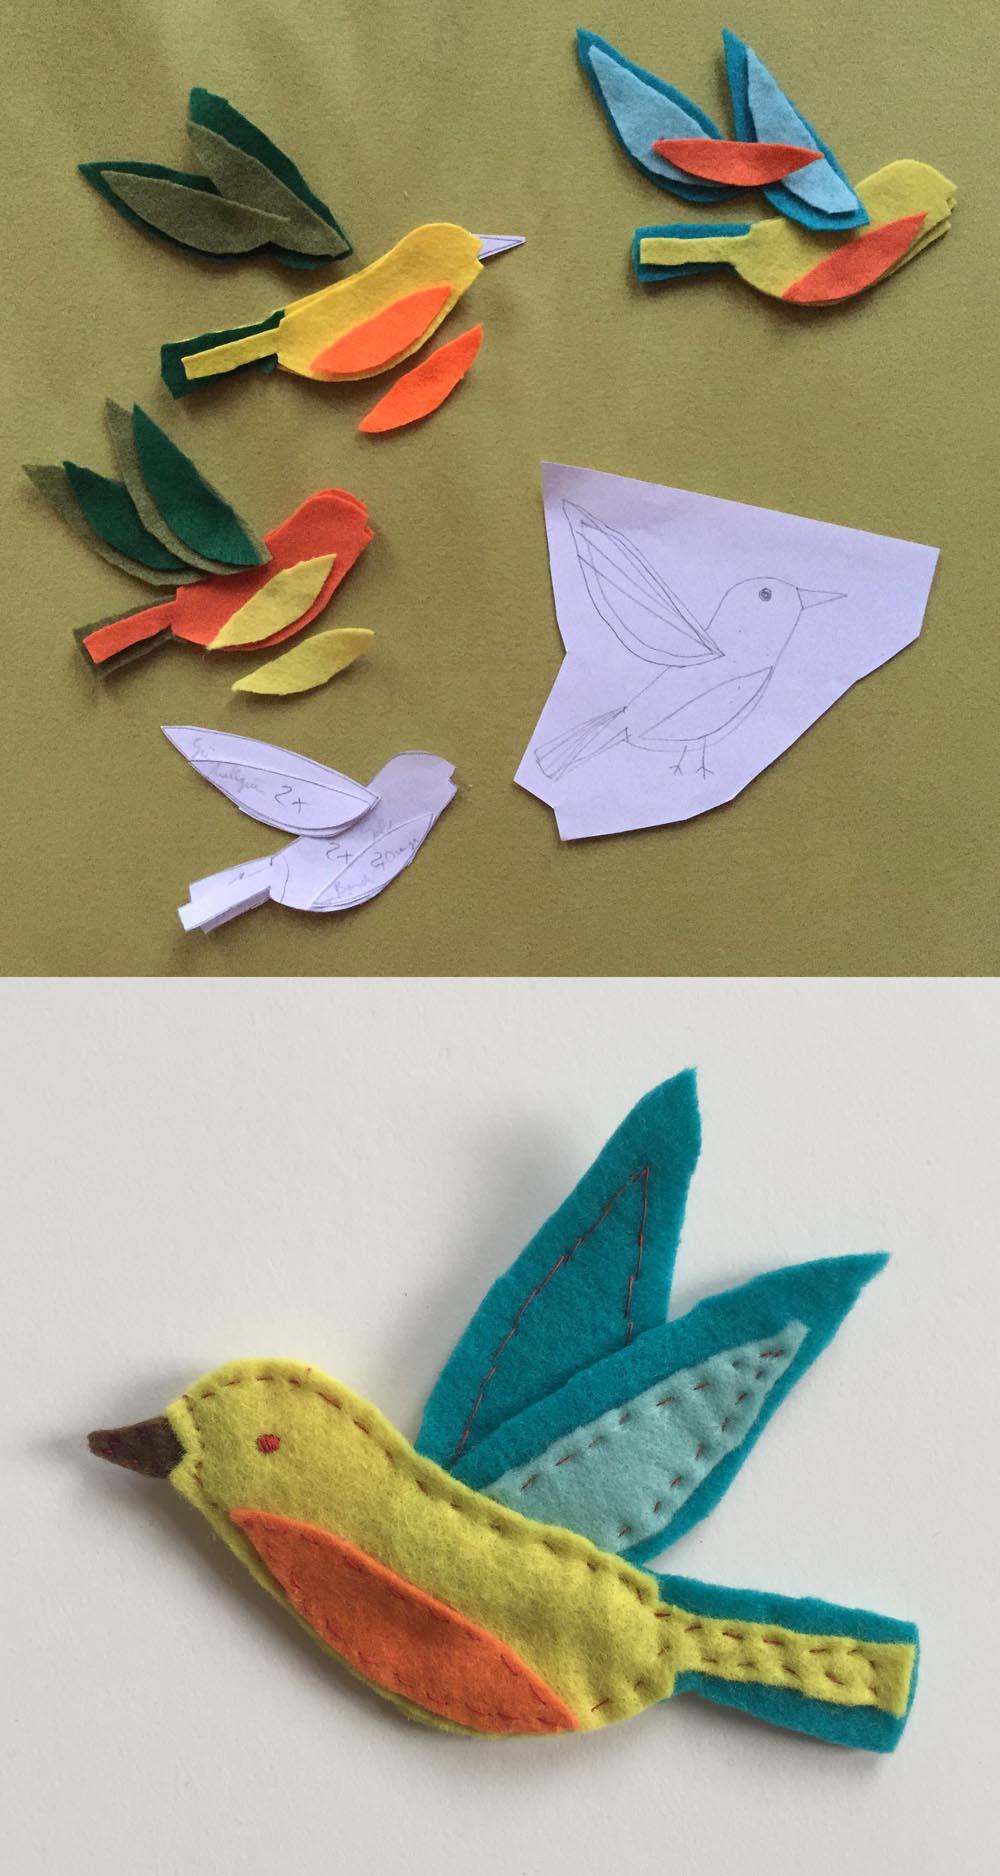 Filz Ornament Vogel nähen, Filzornament Vogel aus Filz nähen mit Vorlage, einfachen Vogel aus Stoff nähen,